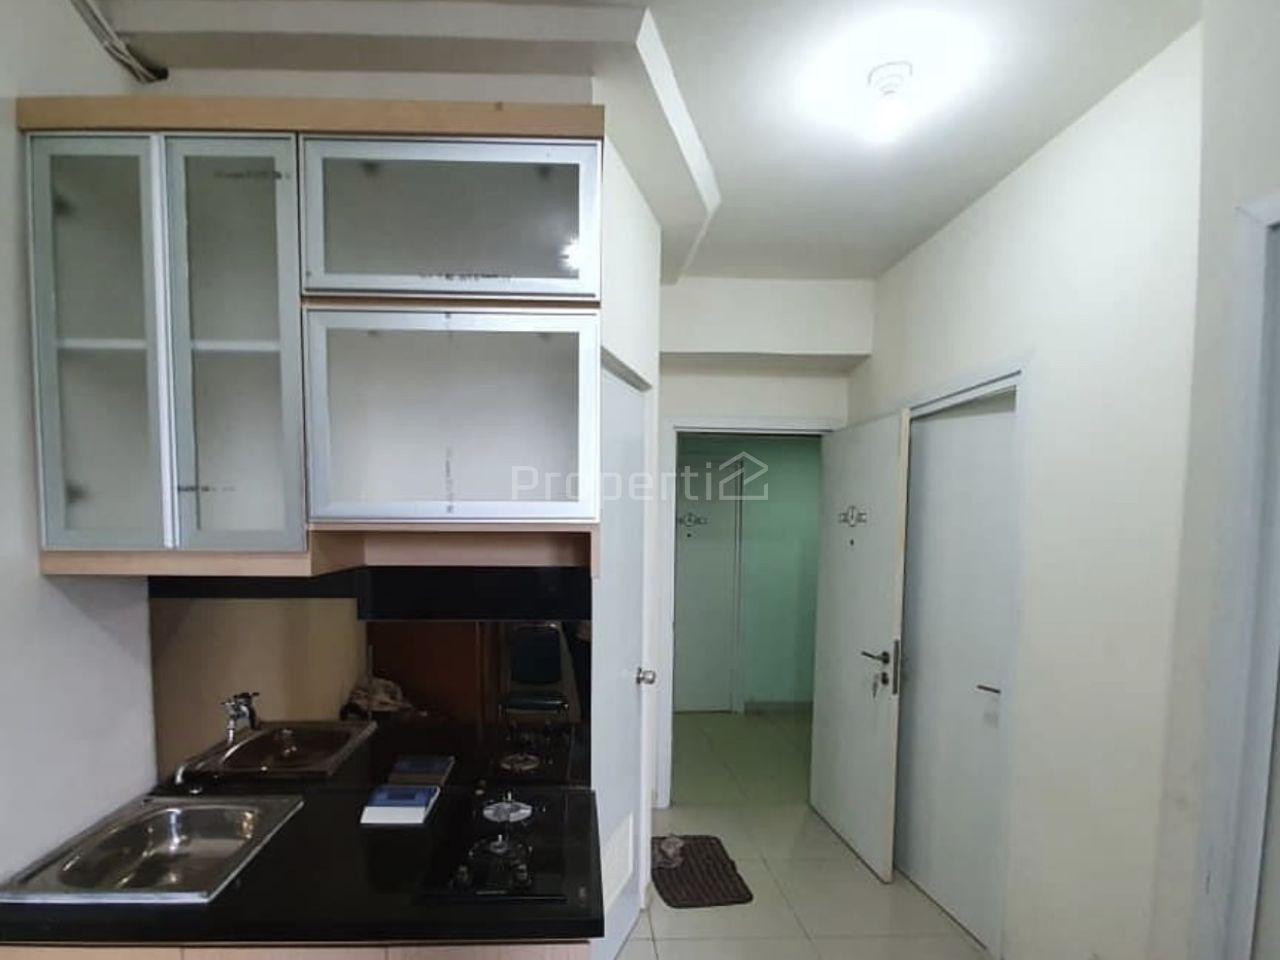 2 in 1-2BR Apartment Unit at Green Pramuka City, Cempaka Putih